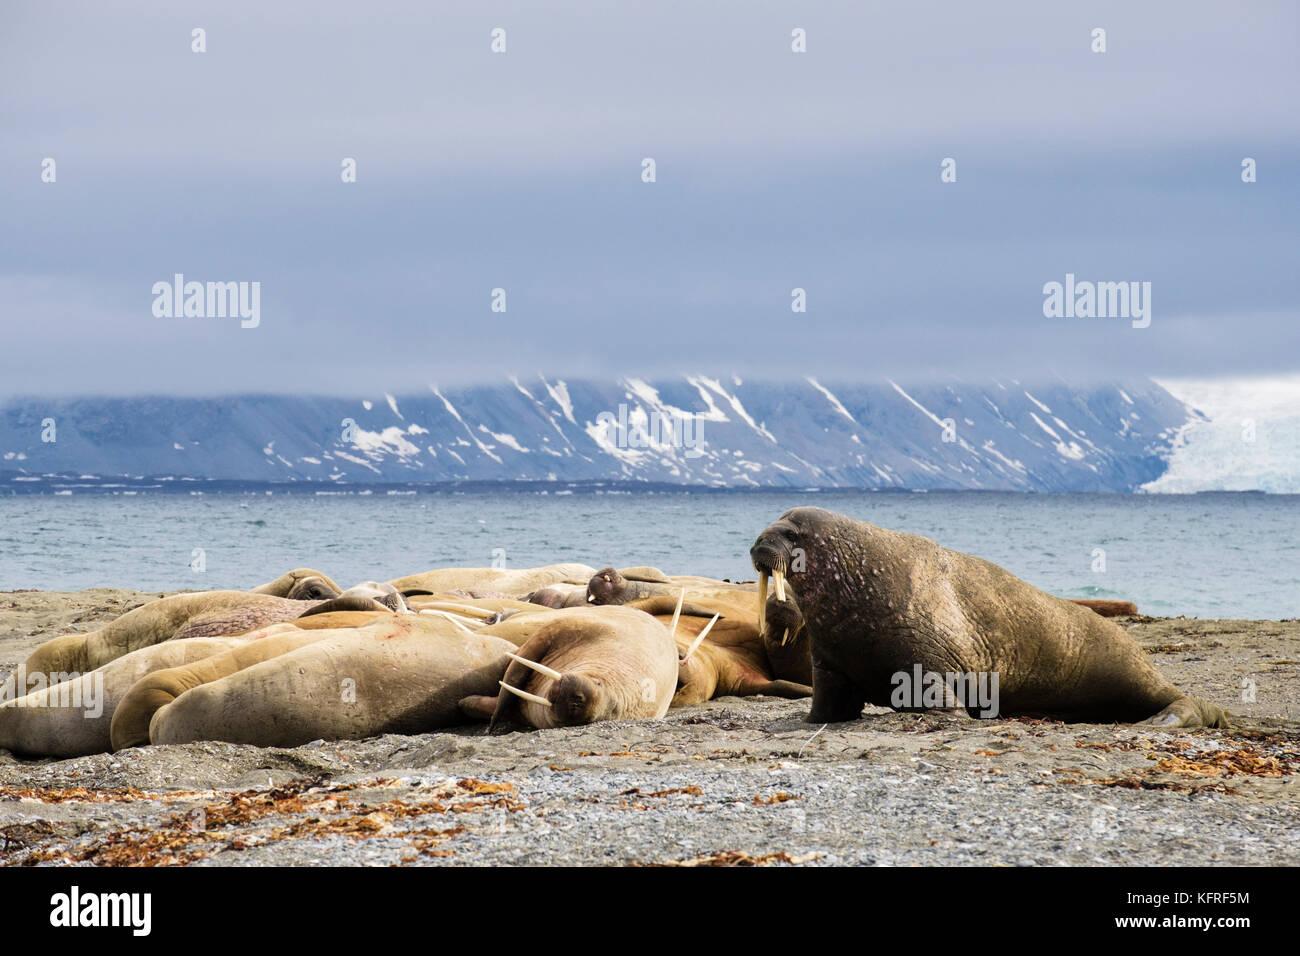 Gruppe der Walrosse (Odobenus rosmarus) Erwachsene mitgeführt und auf dem Trockenen auf der arktischen Küste Stockbild